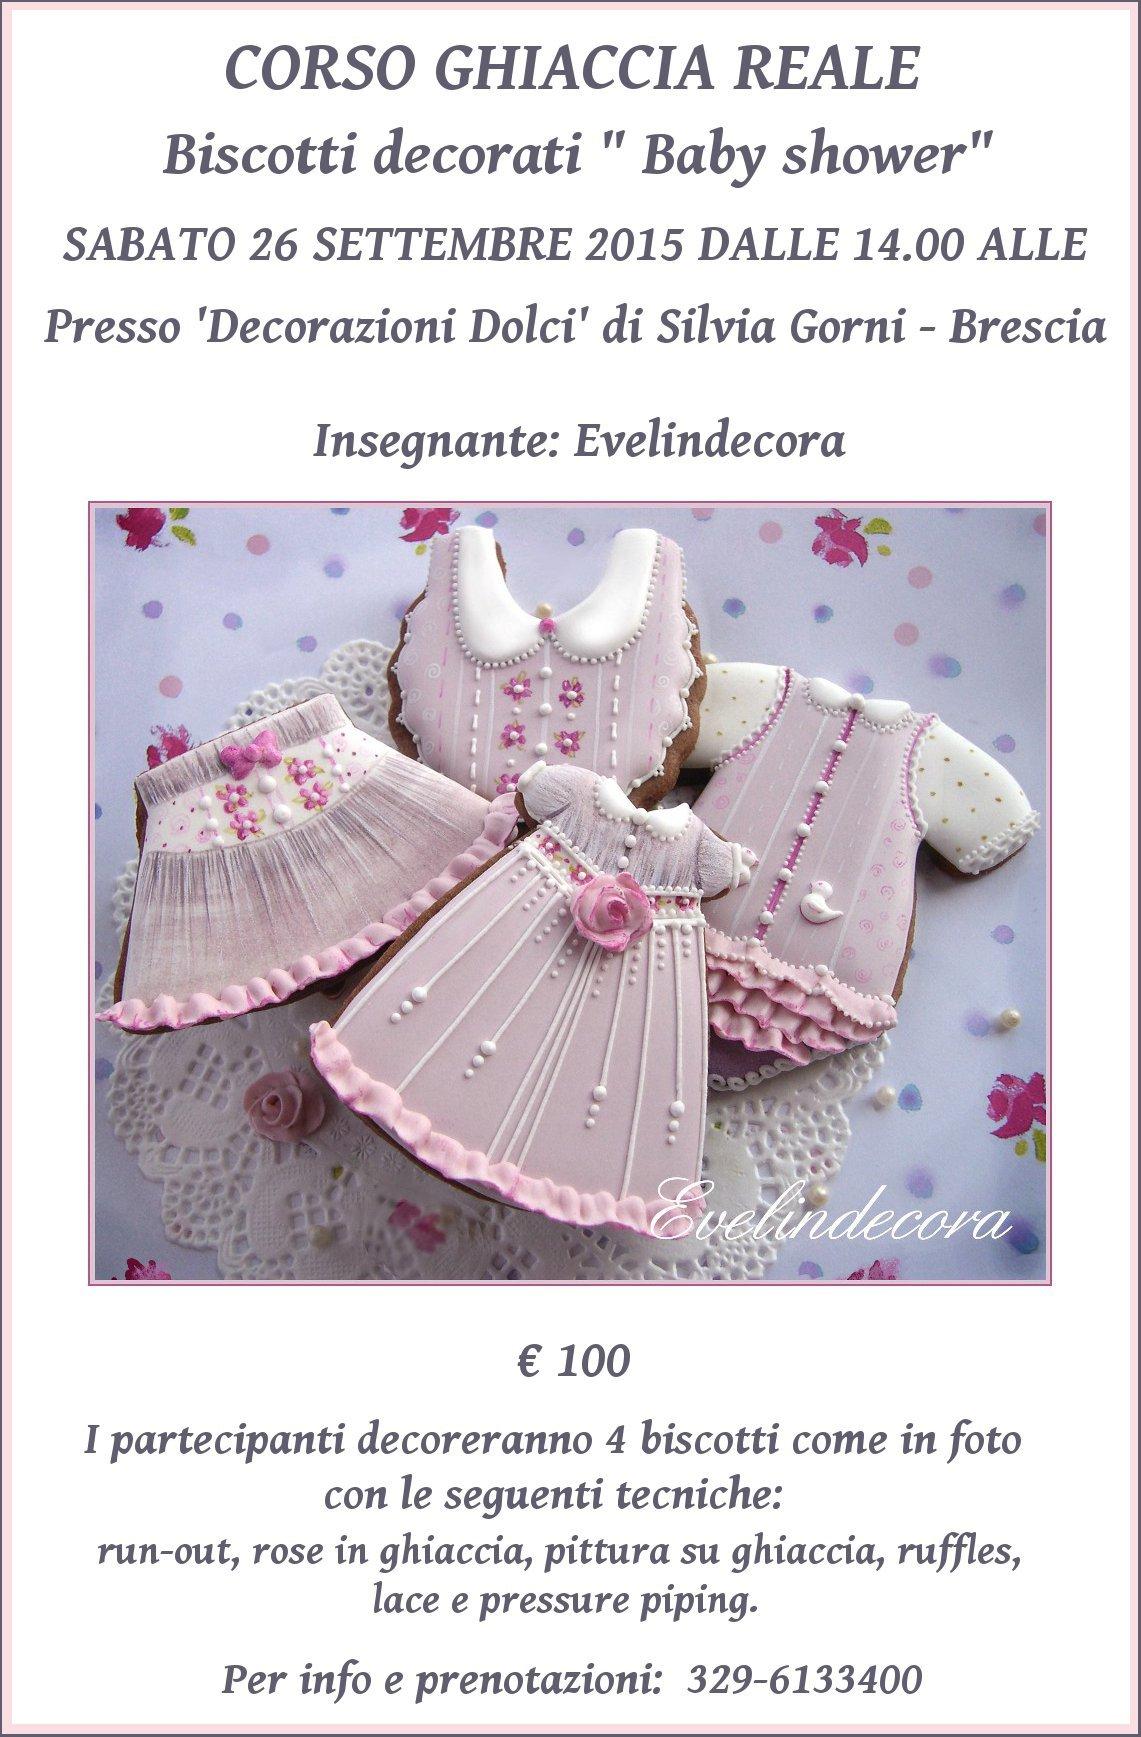 corso ghiaccia reale biscotti decorati Evelindecora Milano